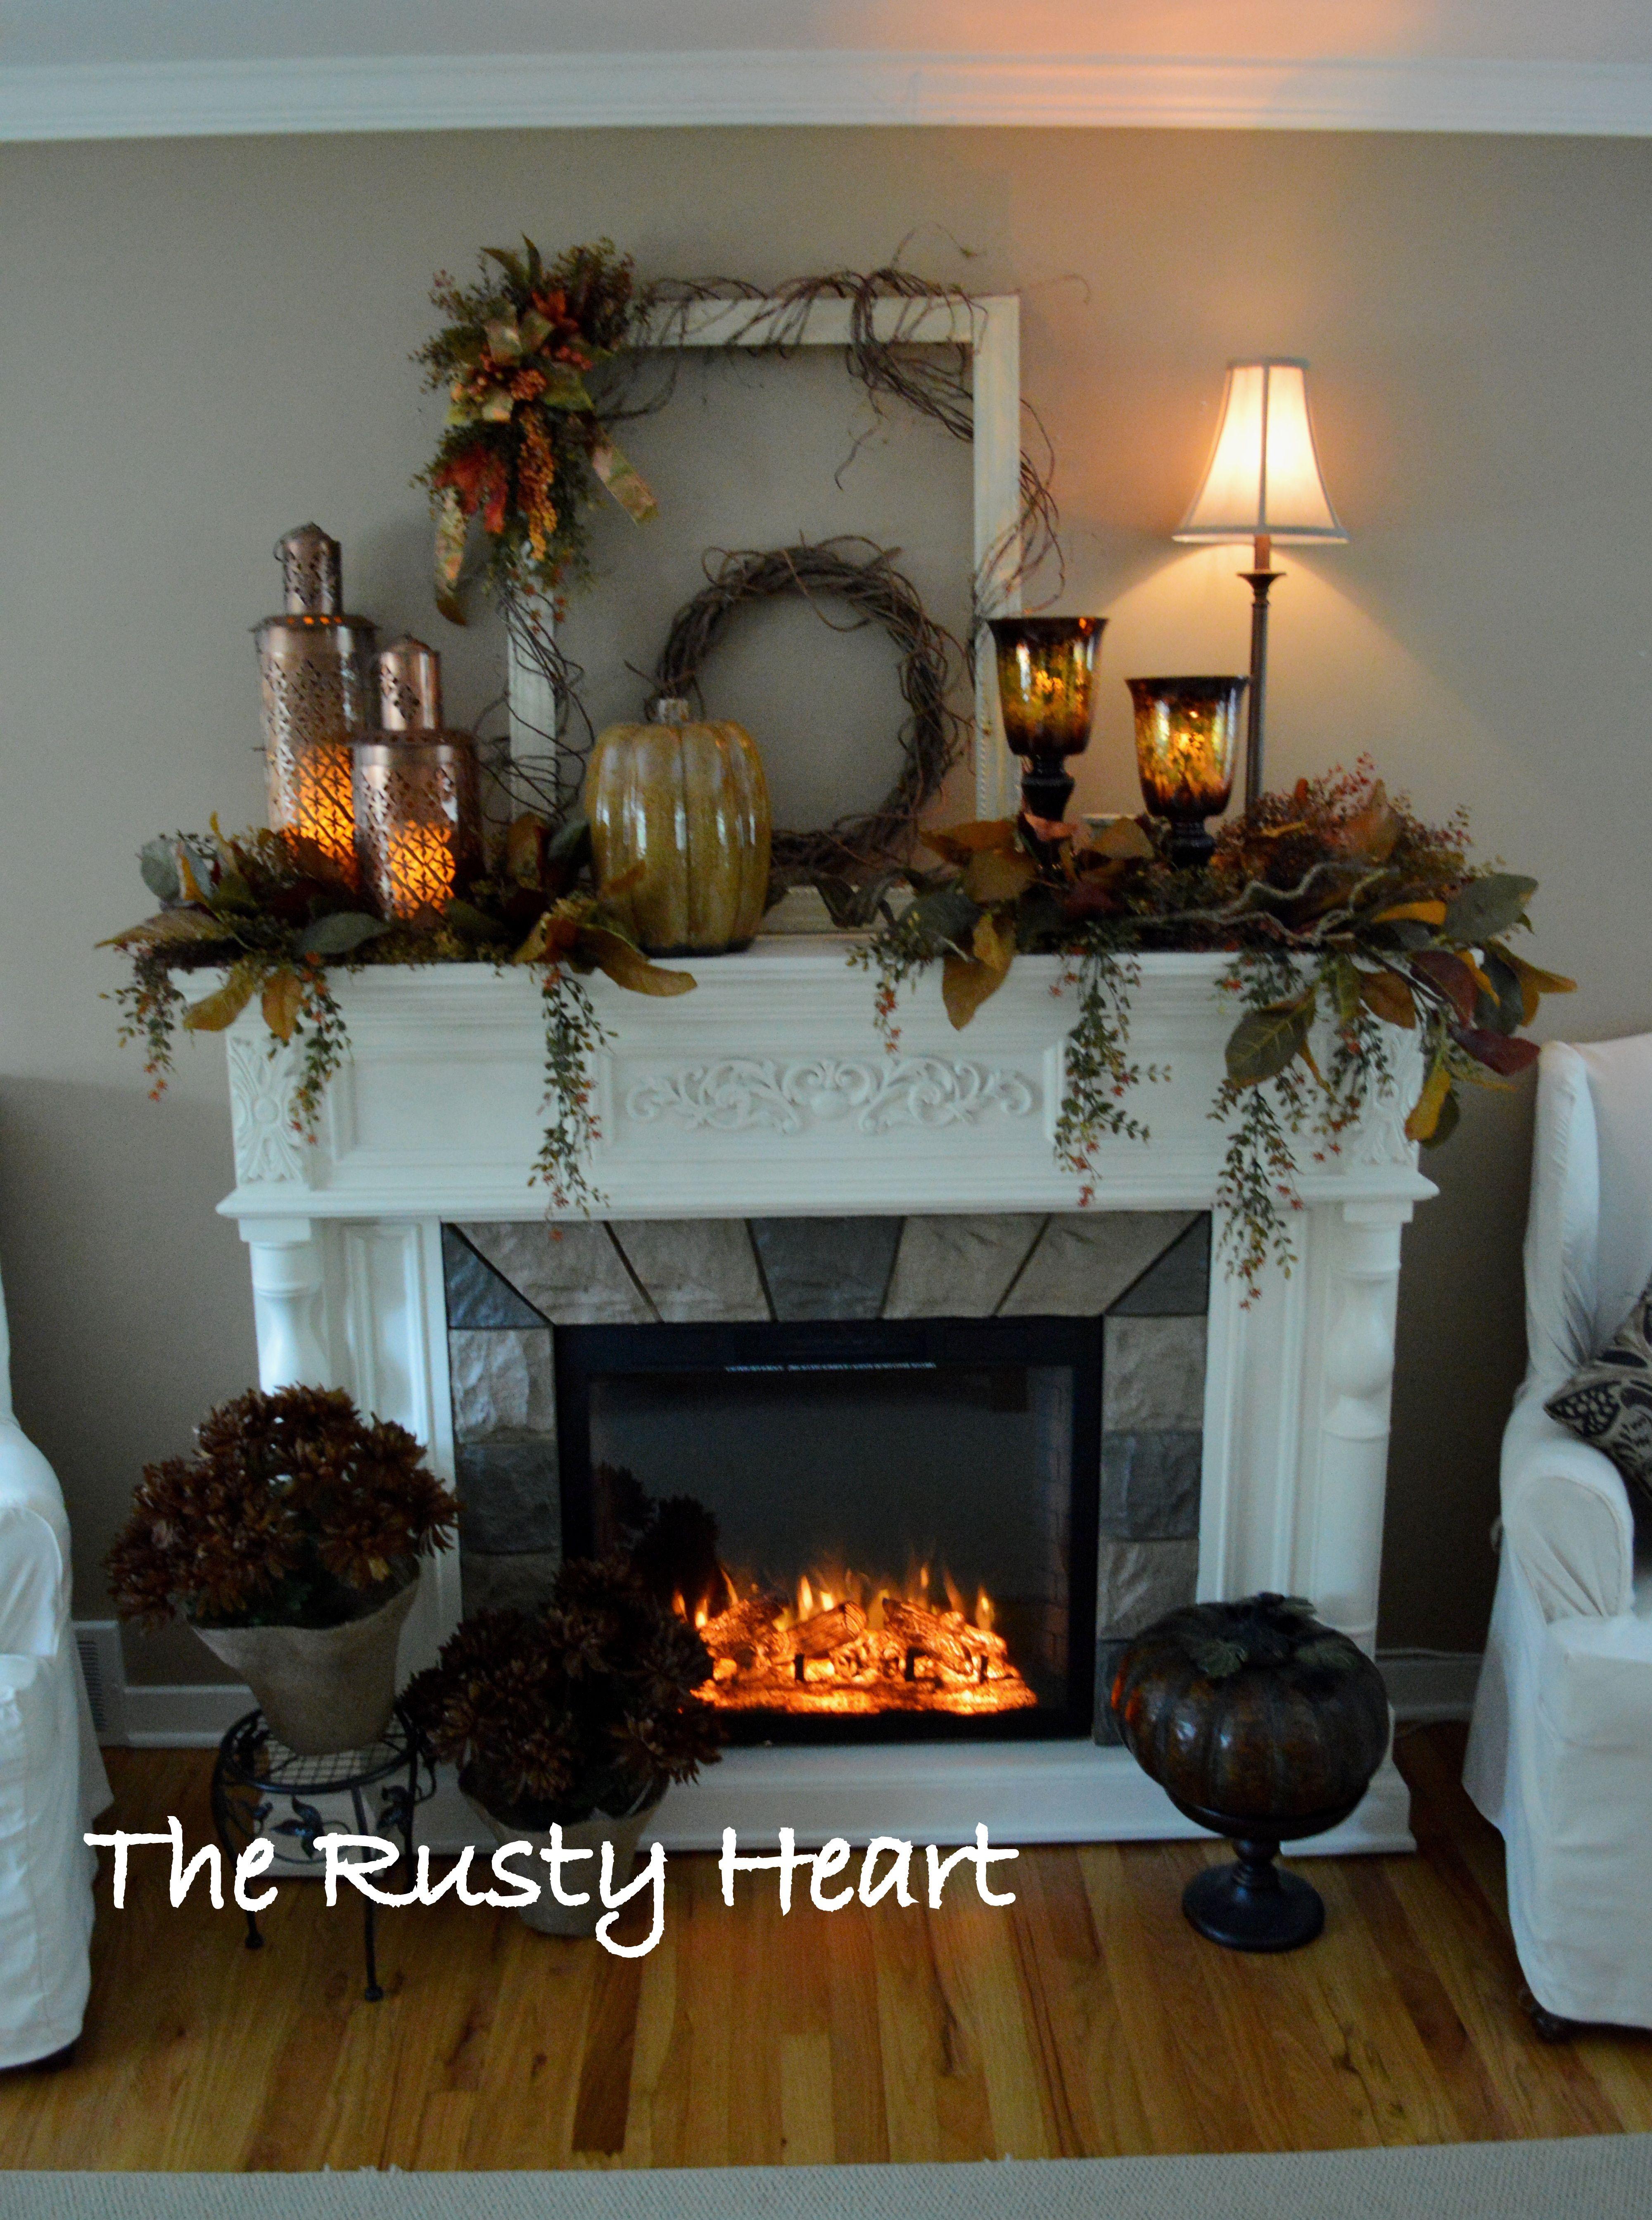 Fall Fireplace Mantel Decorating Ideas: Fall Fireplace, Fall